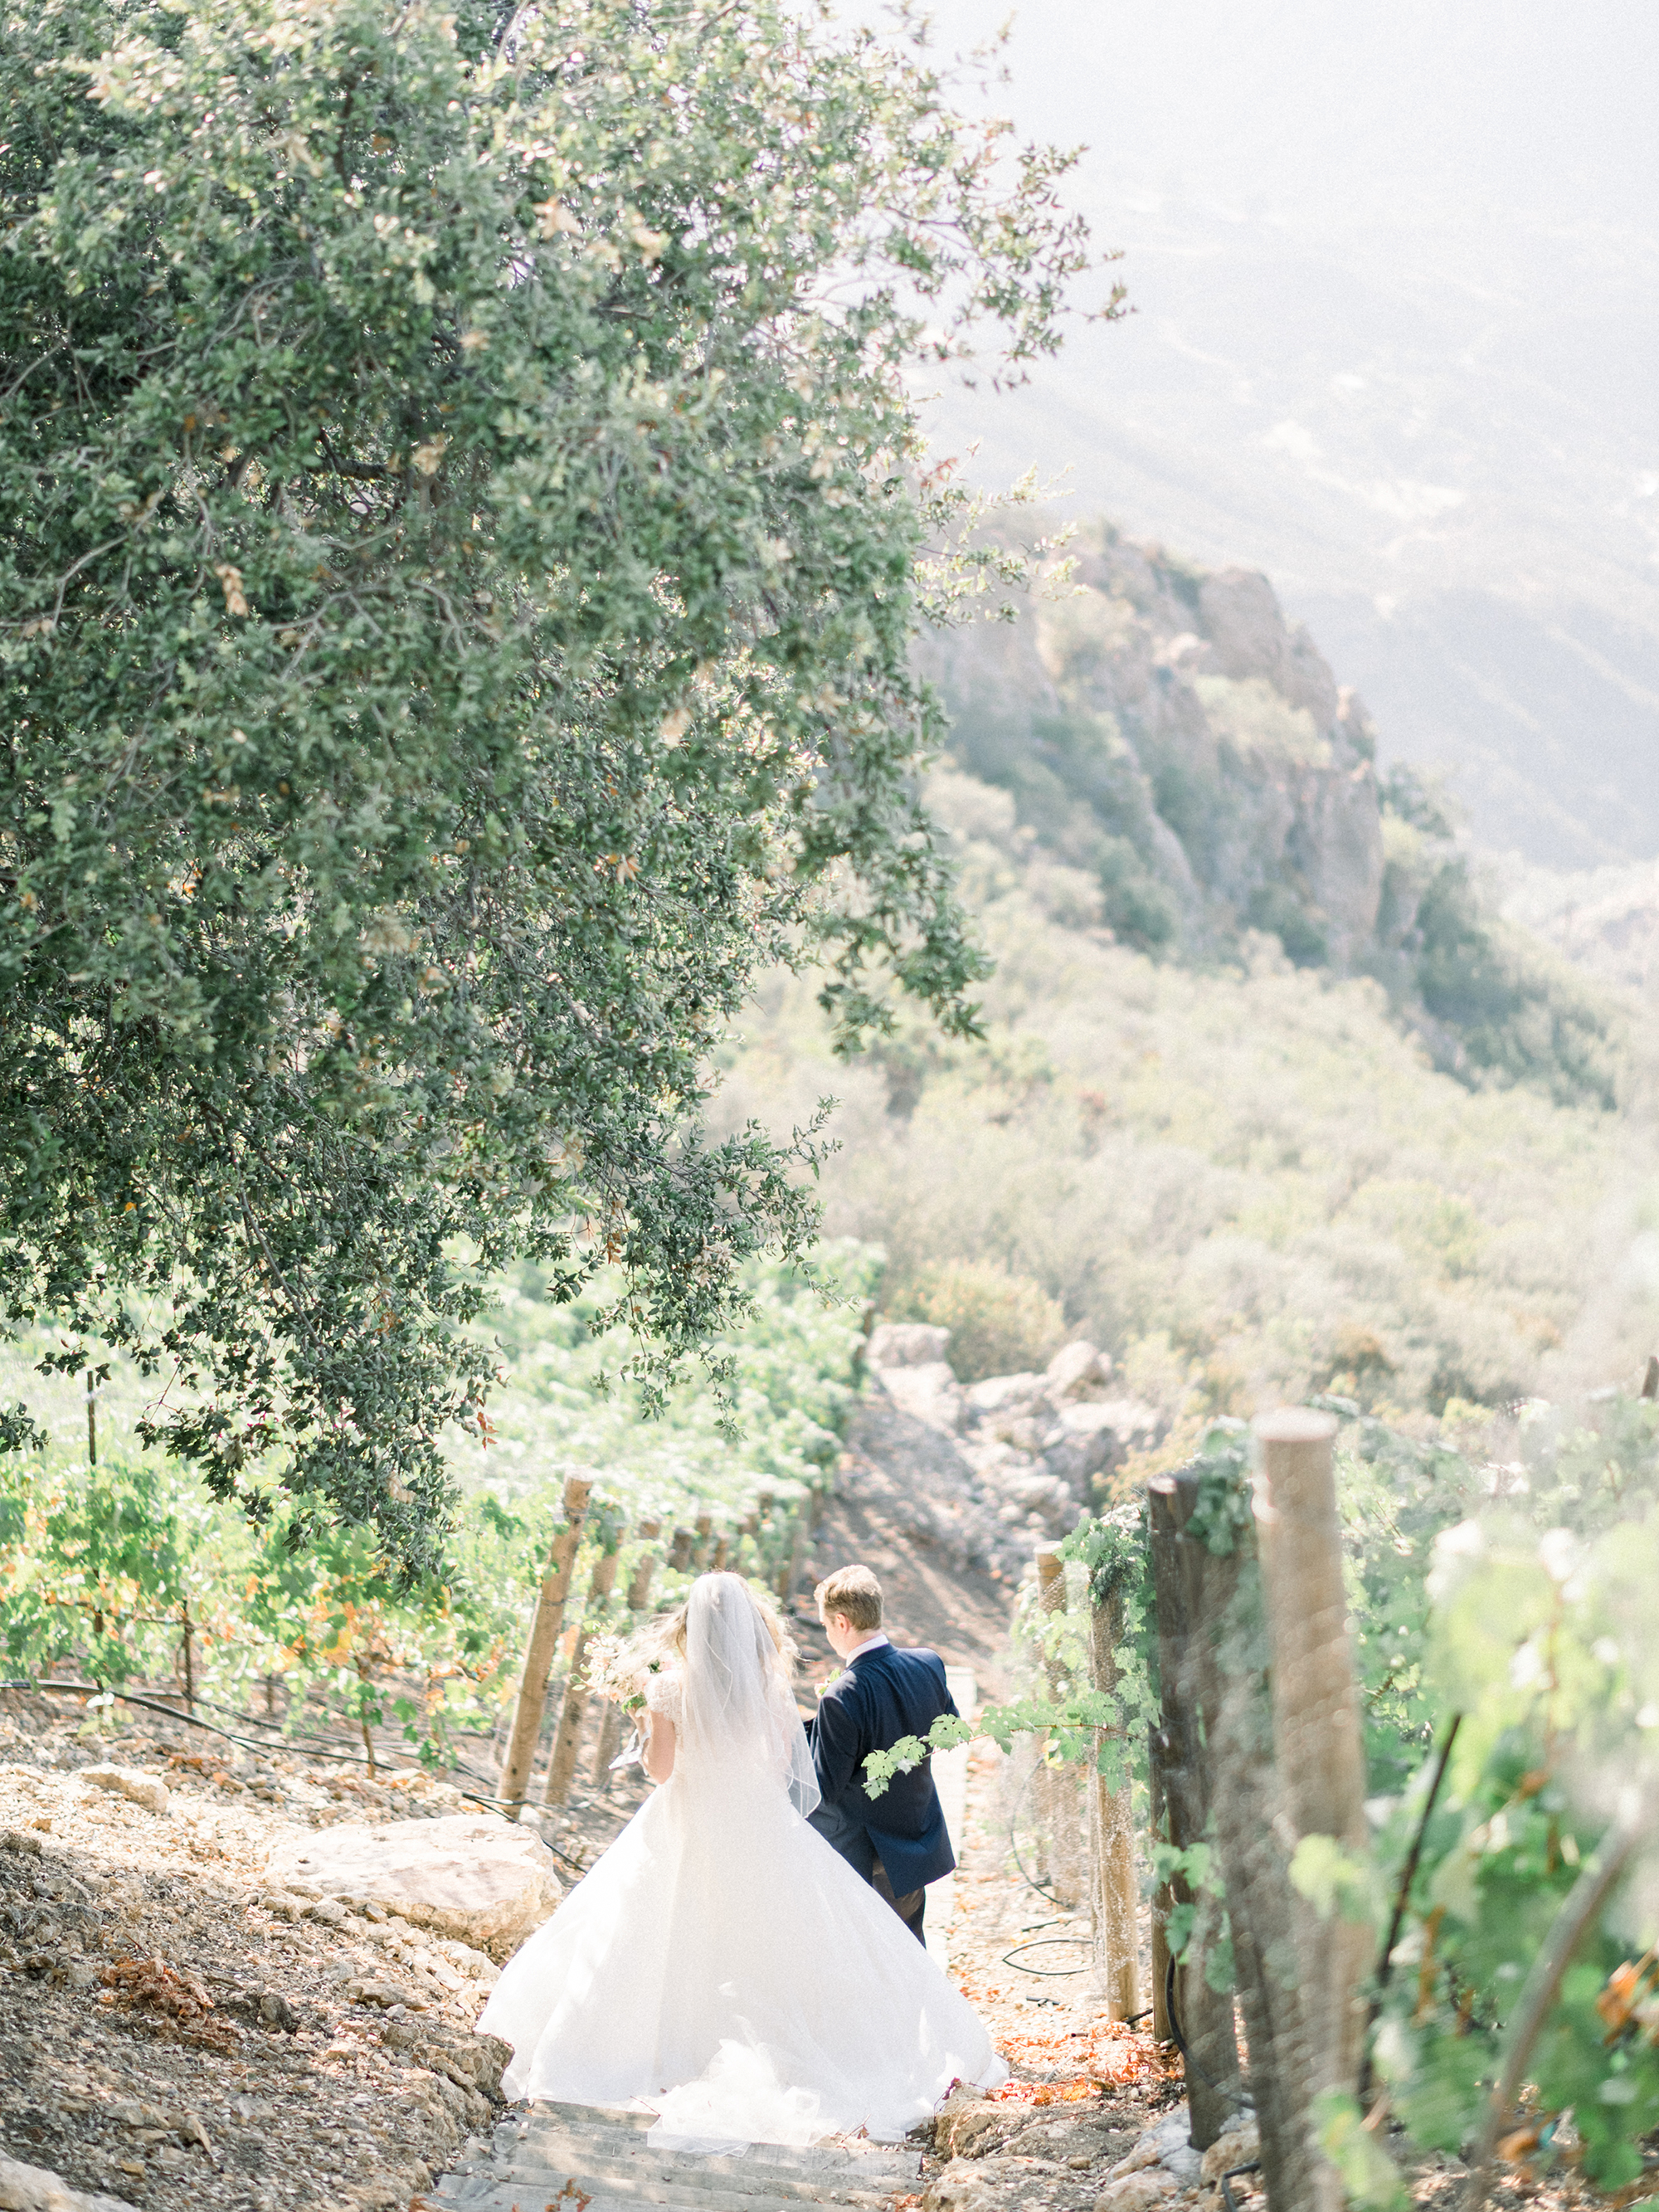 couple walking down path